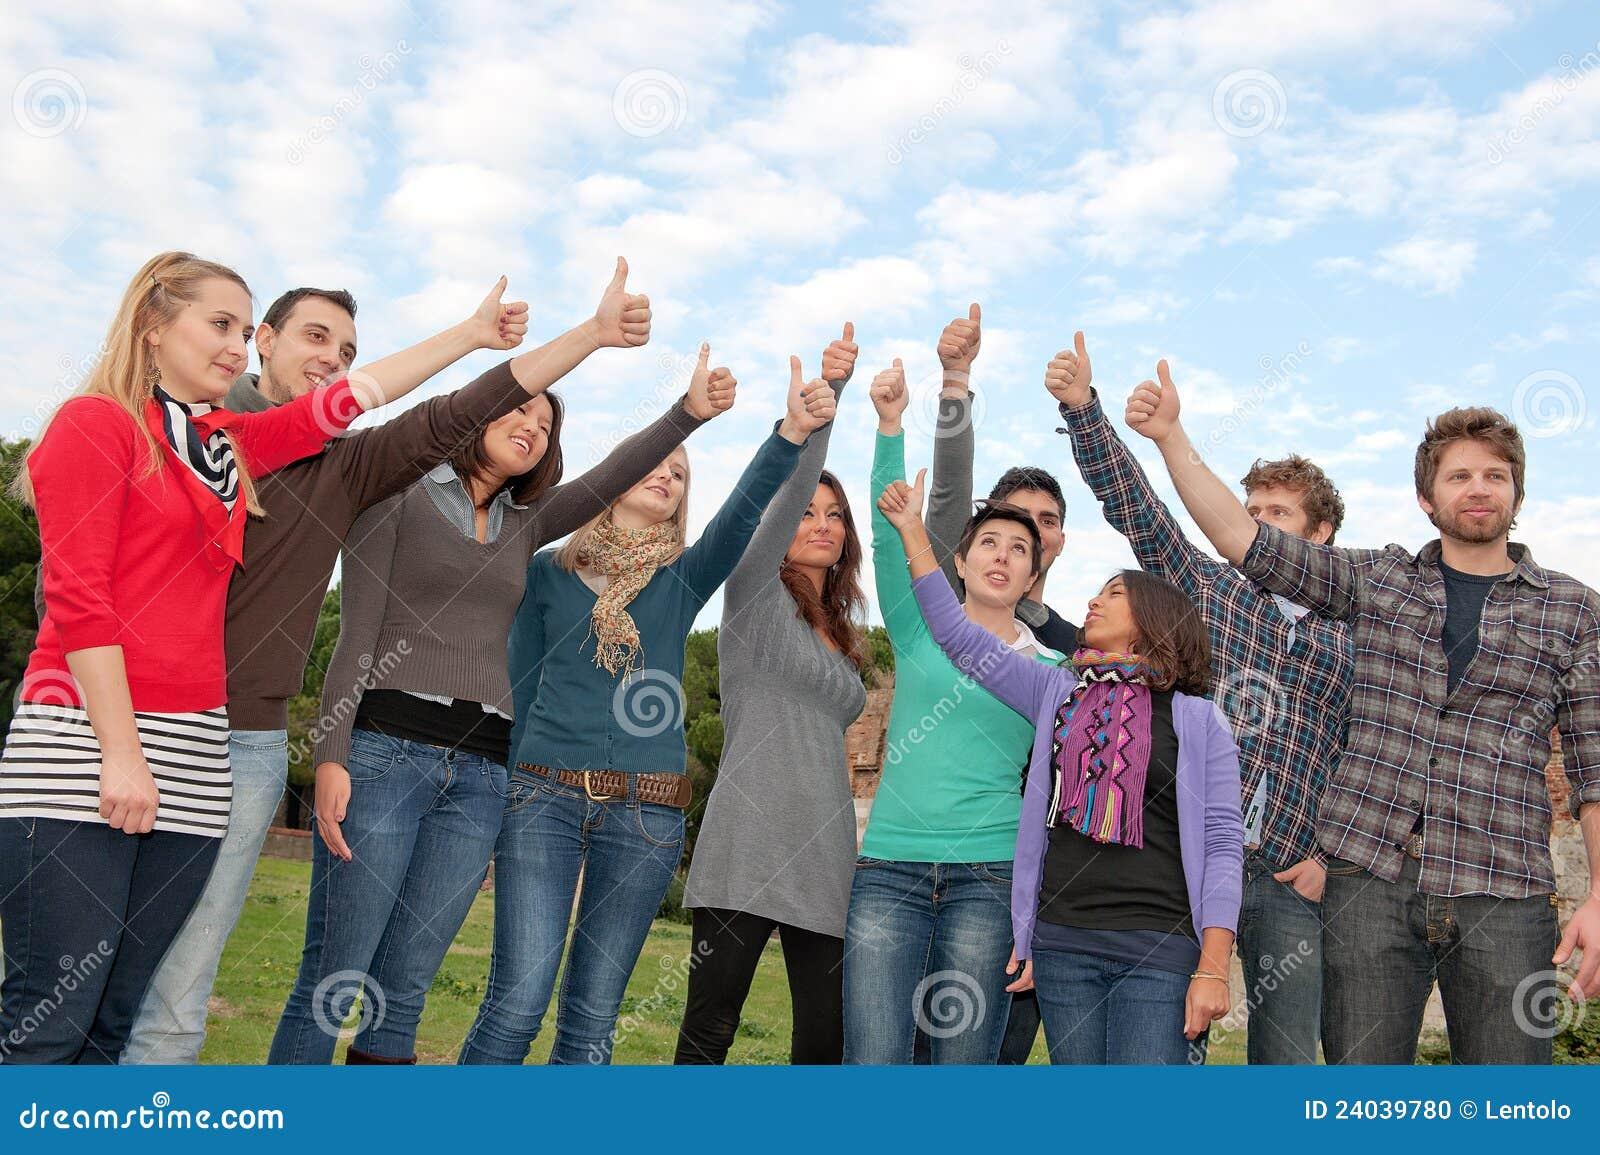 большие пальцы руки этнических групп multi вверх